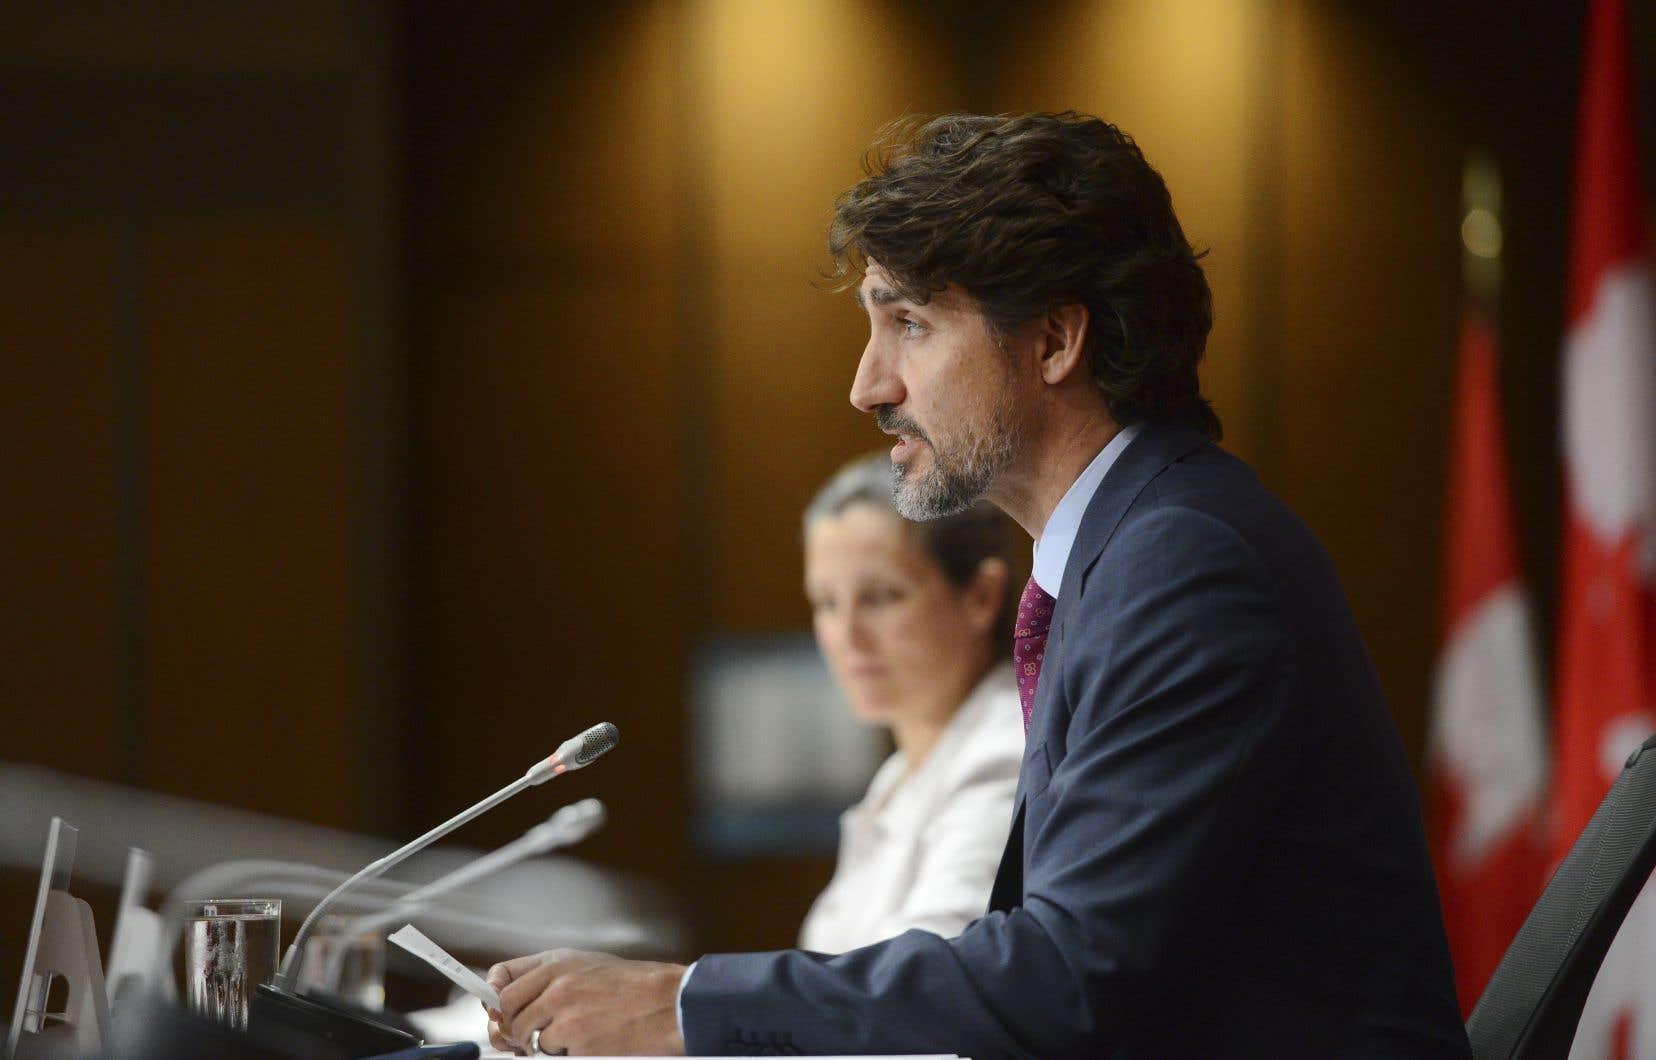 Le premier ministre, Justin Trudeau, et la ministre des Affaires intergouvernementales, Chrystia Freeland, lors de la conférence de presse visant à annoncer la conclusion d'un accord entre Ottawa et les provinces sur un plan de relance de l'économie.